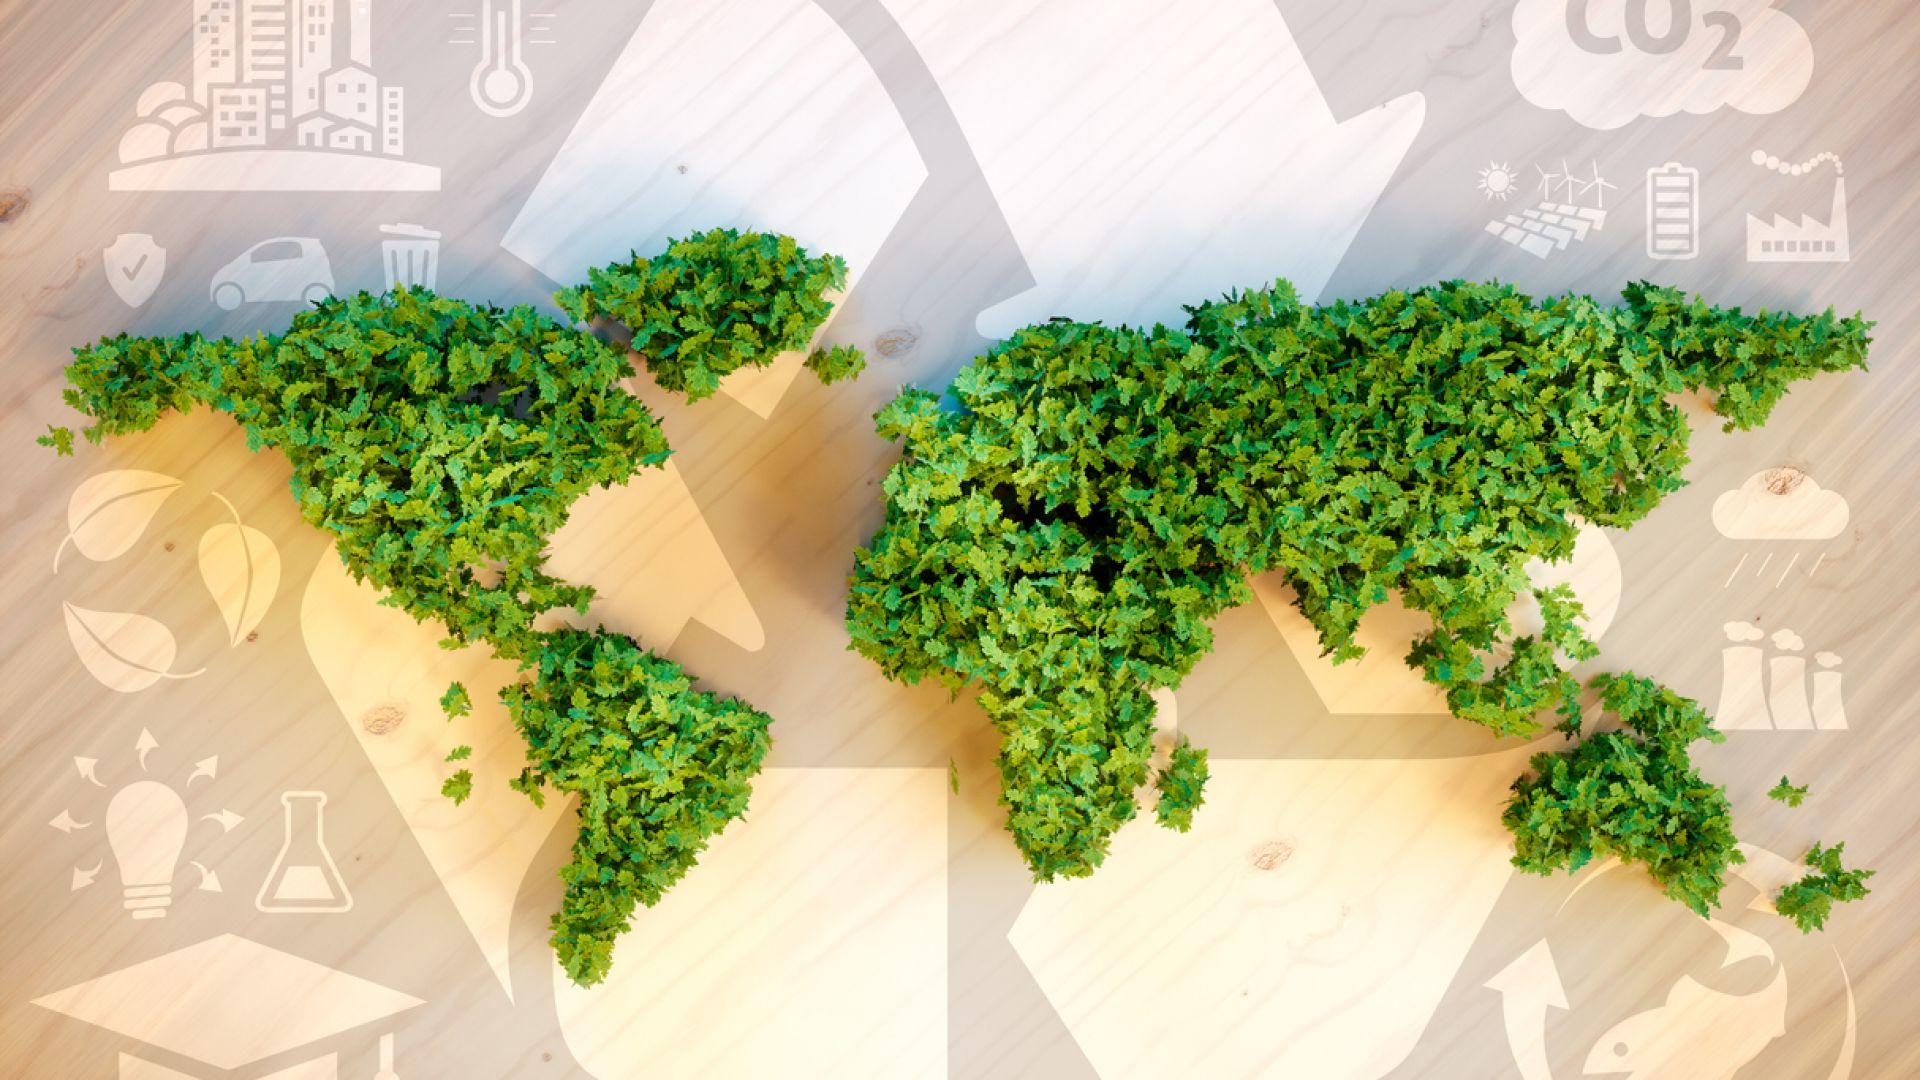 От 0% отпадък до 100 % енергия - екологична трансформация за градовете, бизнеса и планетата